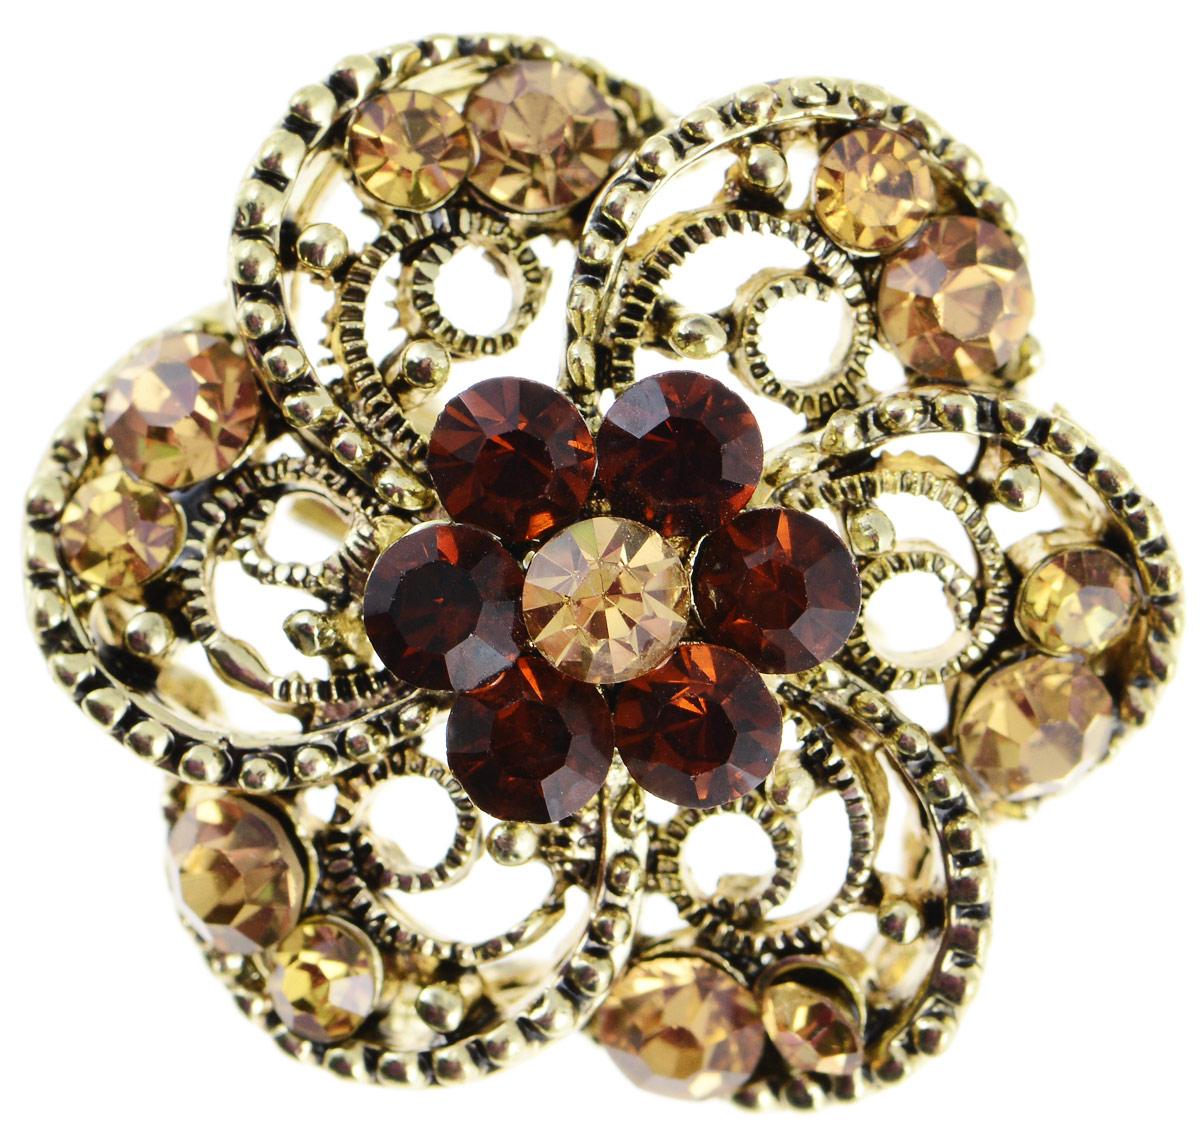 Брошь Vittorio Richi, цвет: золотистый. 9165728vrБрошь-булавкаБрошь Vittorio Richi изготовлена из металла. Декоративный элемент выполнен в виде цветка, оформленного вставками из страз. Изделие застегивается с помощью замка-булавки.